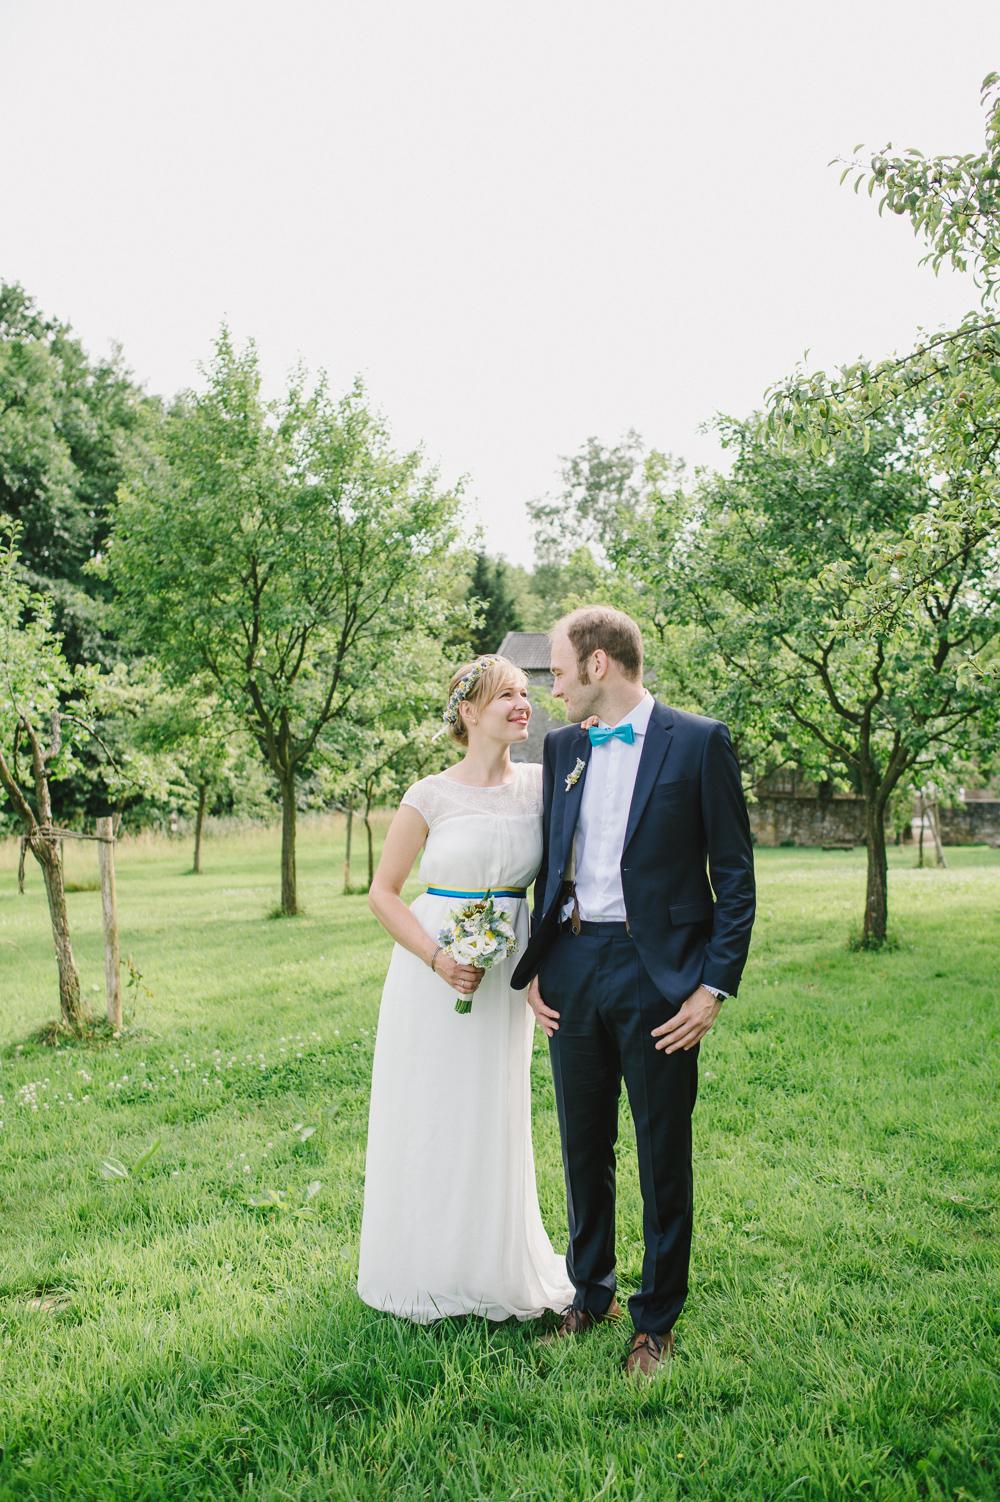 Hannah-Gatzweiler-Hochzeit-Anni-Pe-Aachen-066